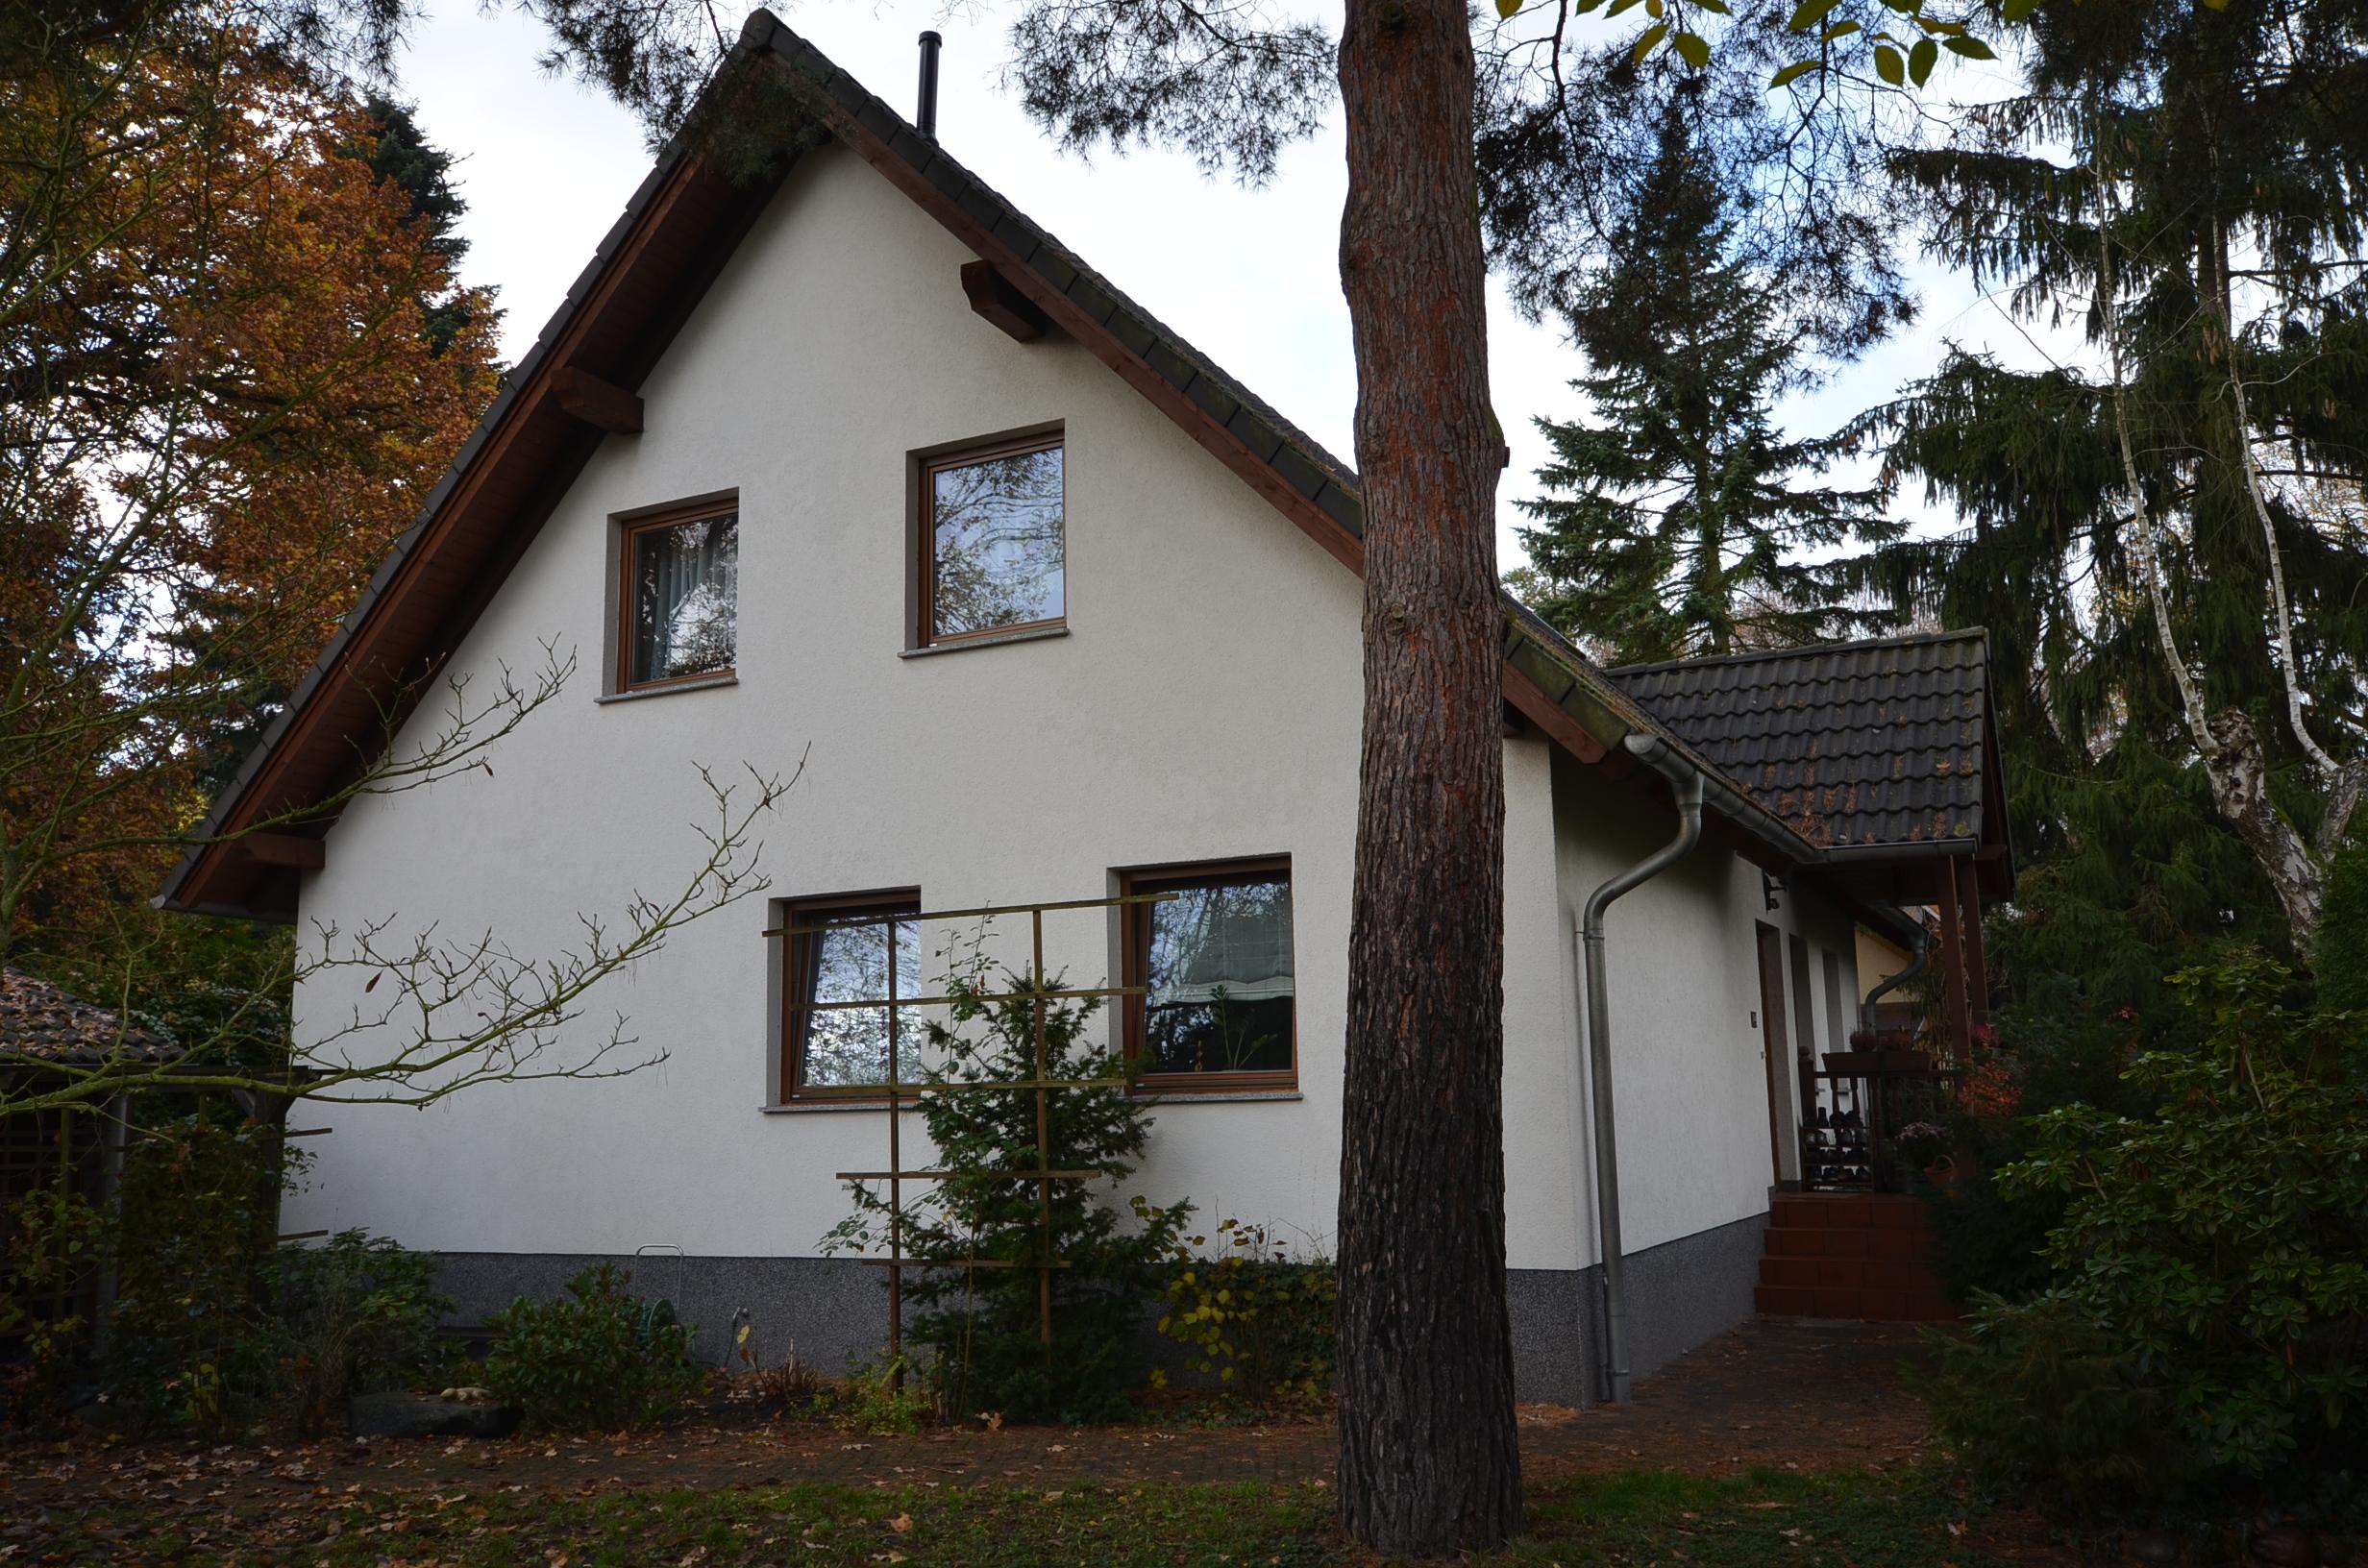 immobilien3_efh_verkauf_köpenick_schmöckwitz_makler_biesdorf_makler_köpenick_immobilienvermittlung_immobilienberatung_